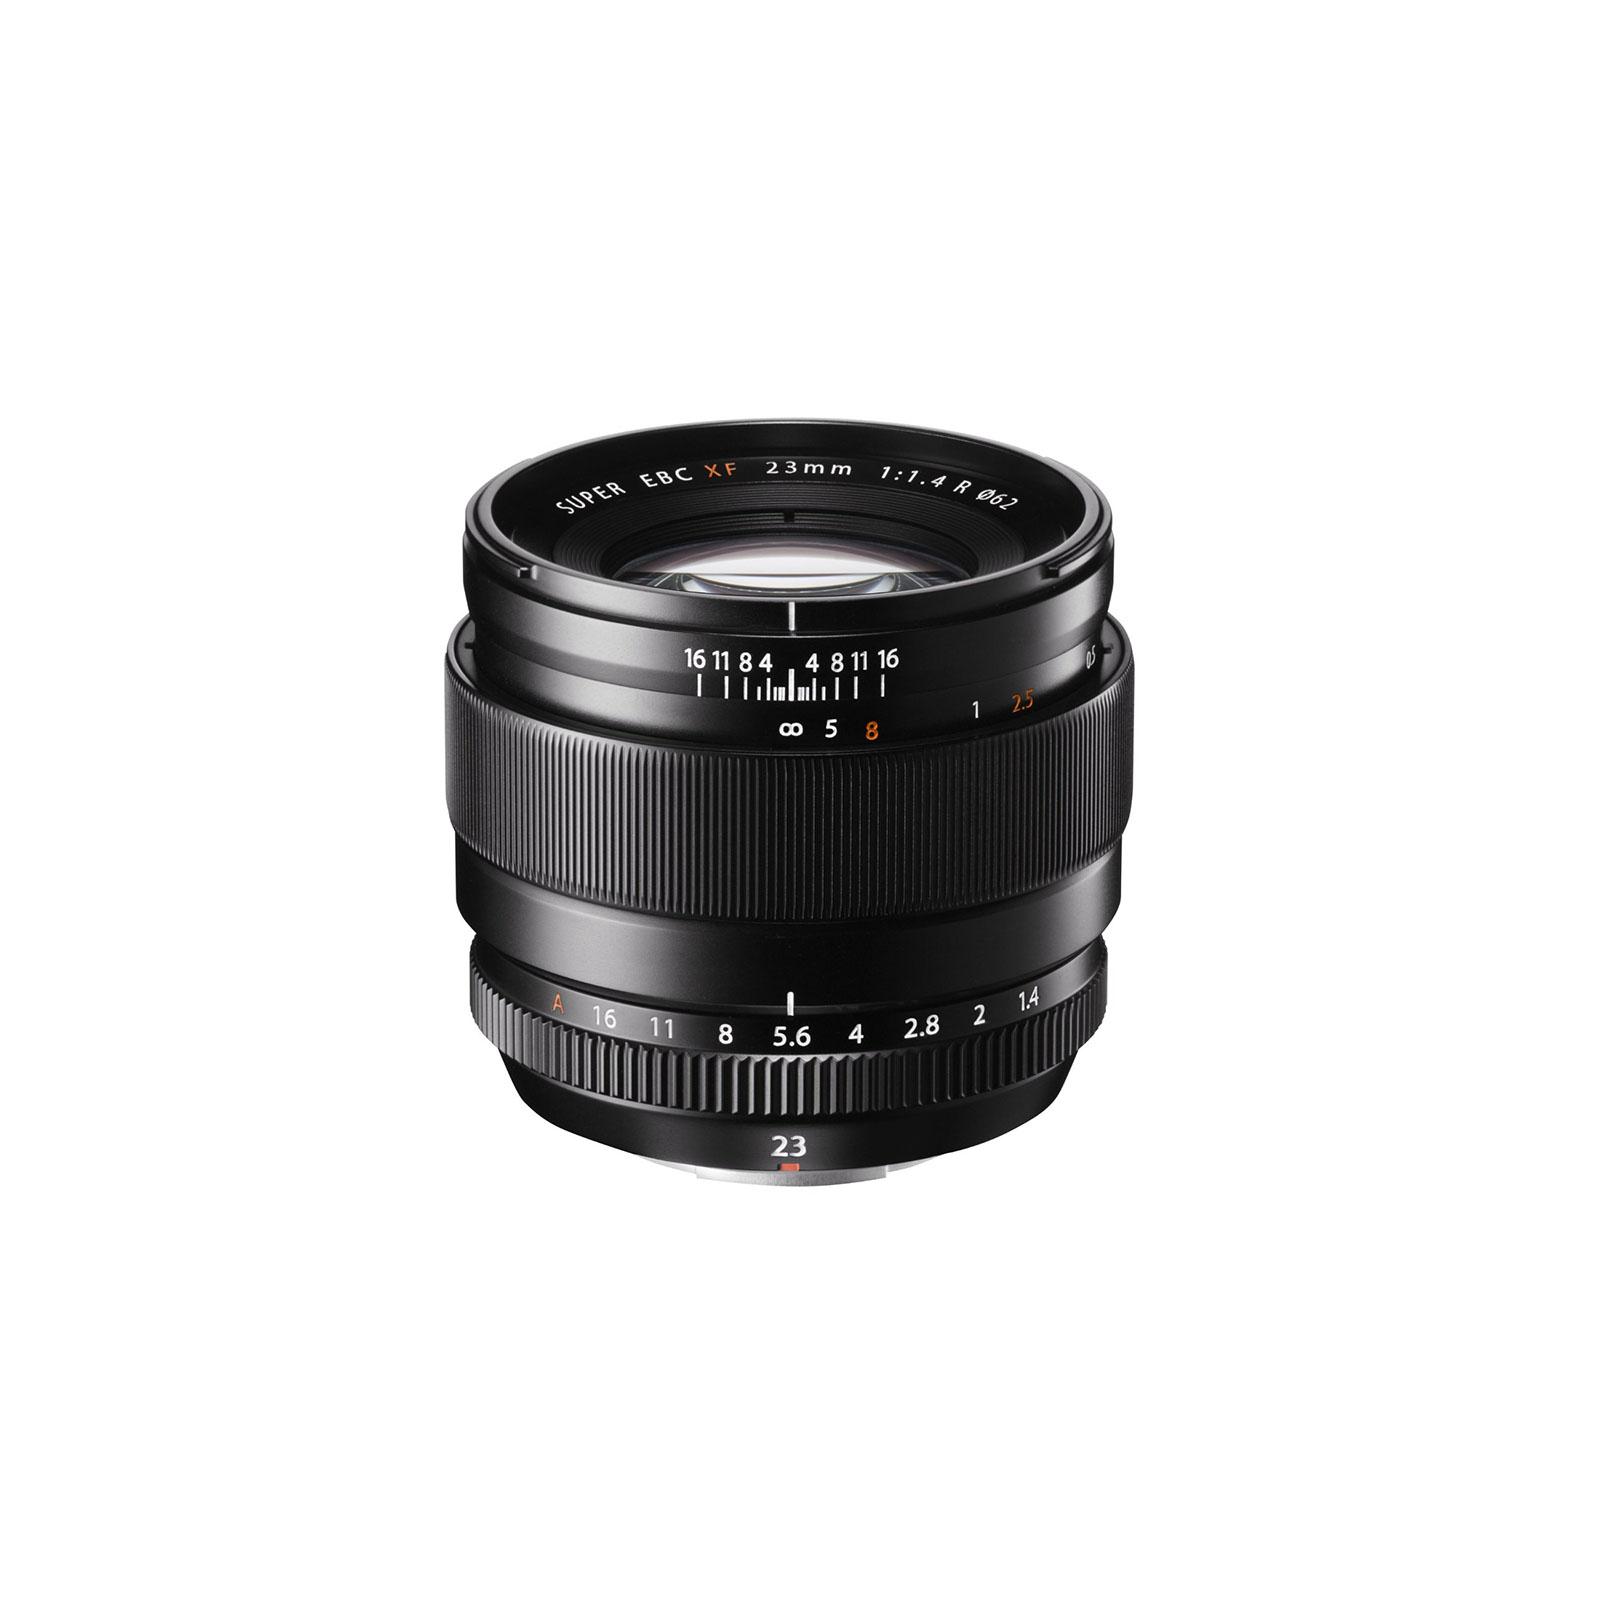 Объектив Fujifilm XF-23mm F1.4 R (16405575)